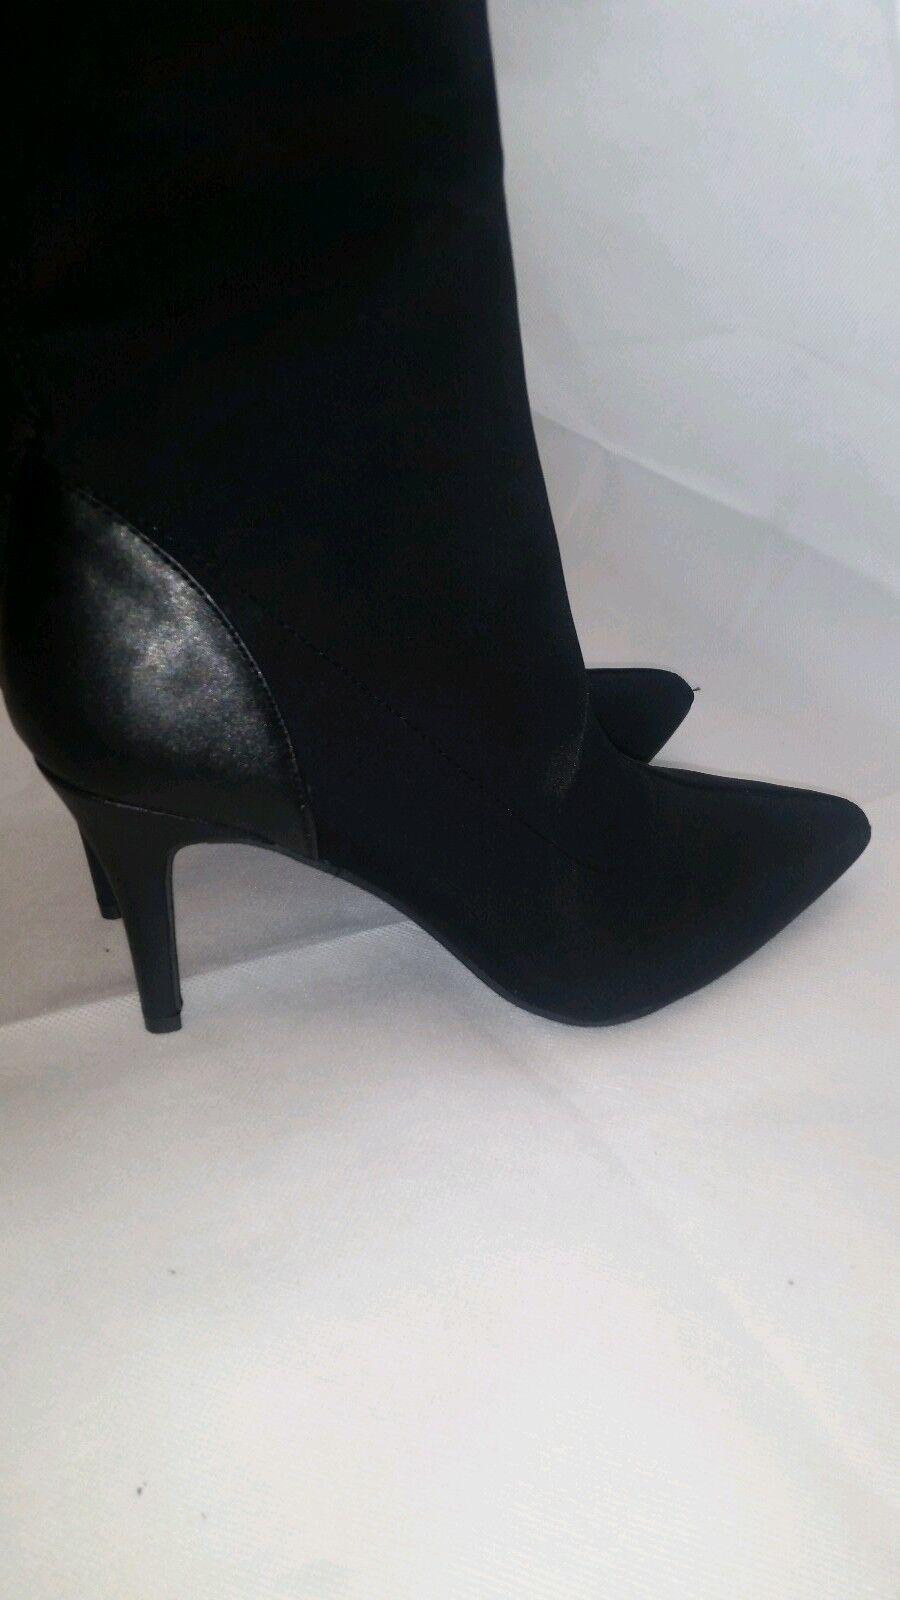 Zapatos De Cuero Mujer botas estilo Tacones Negro Tamaño 8.5 estilo botas Charles 9475a1